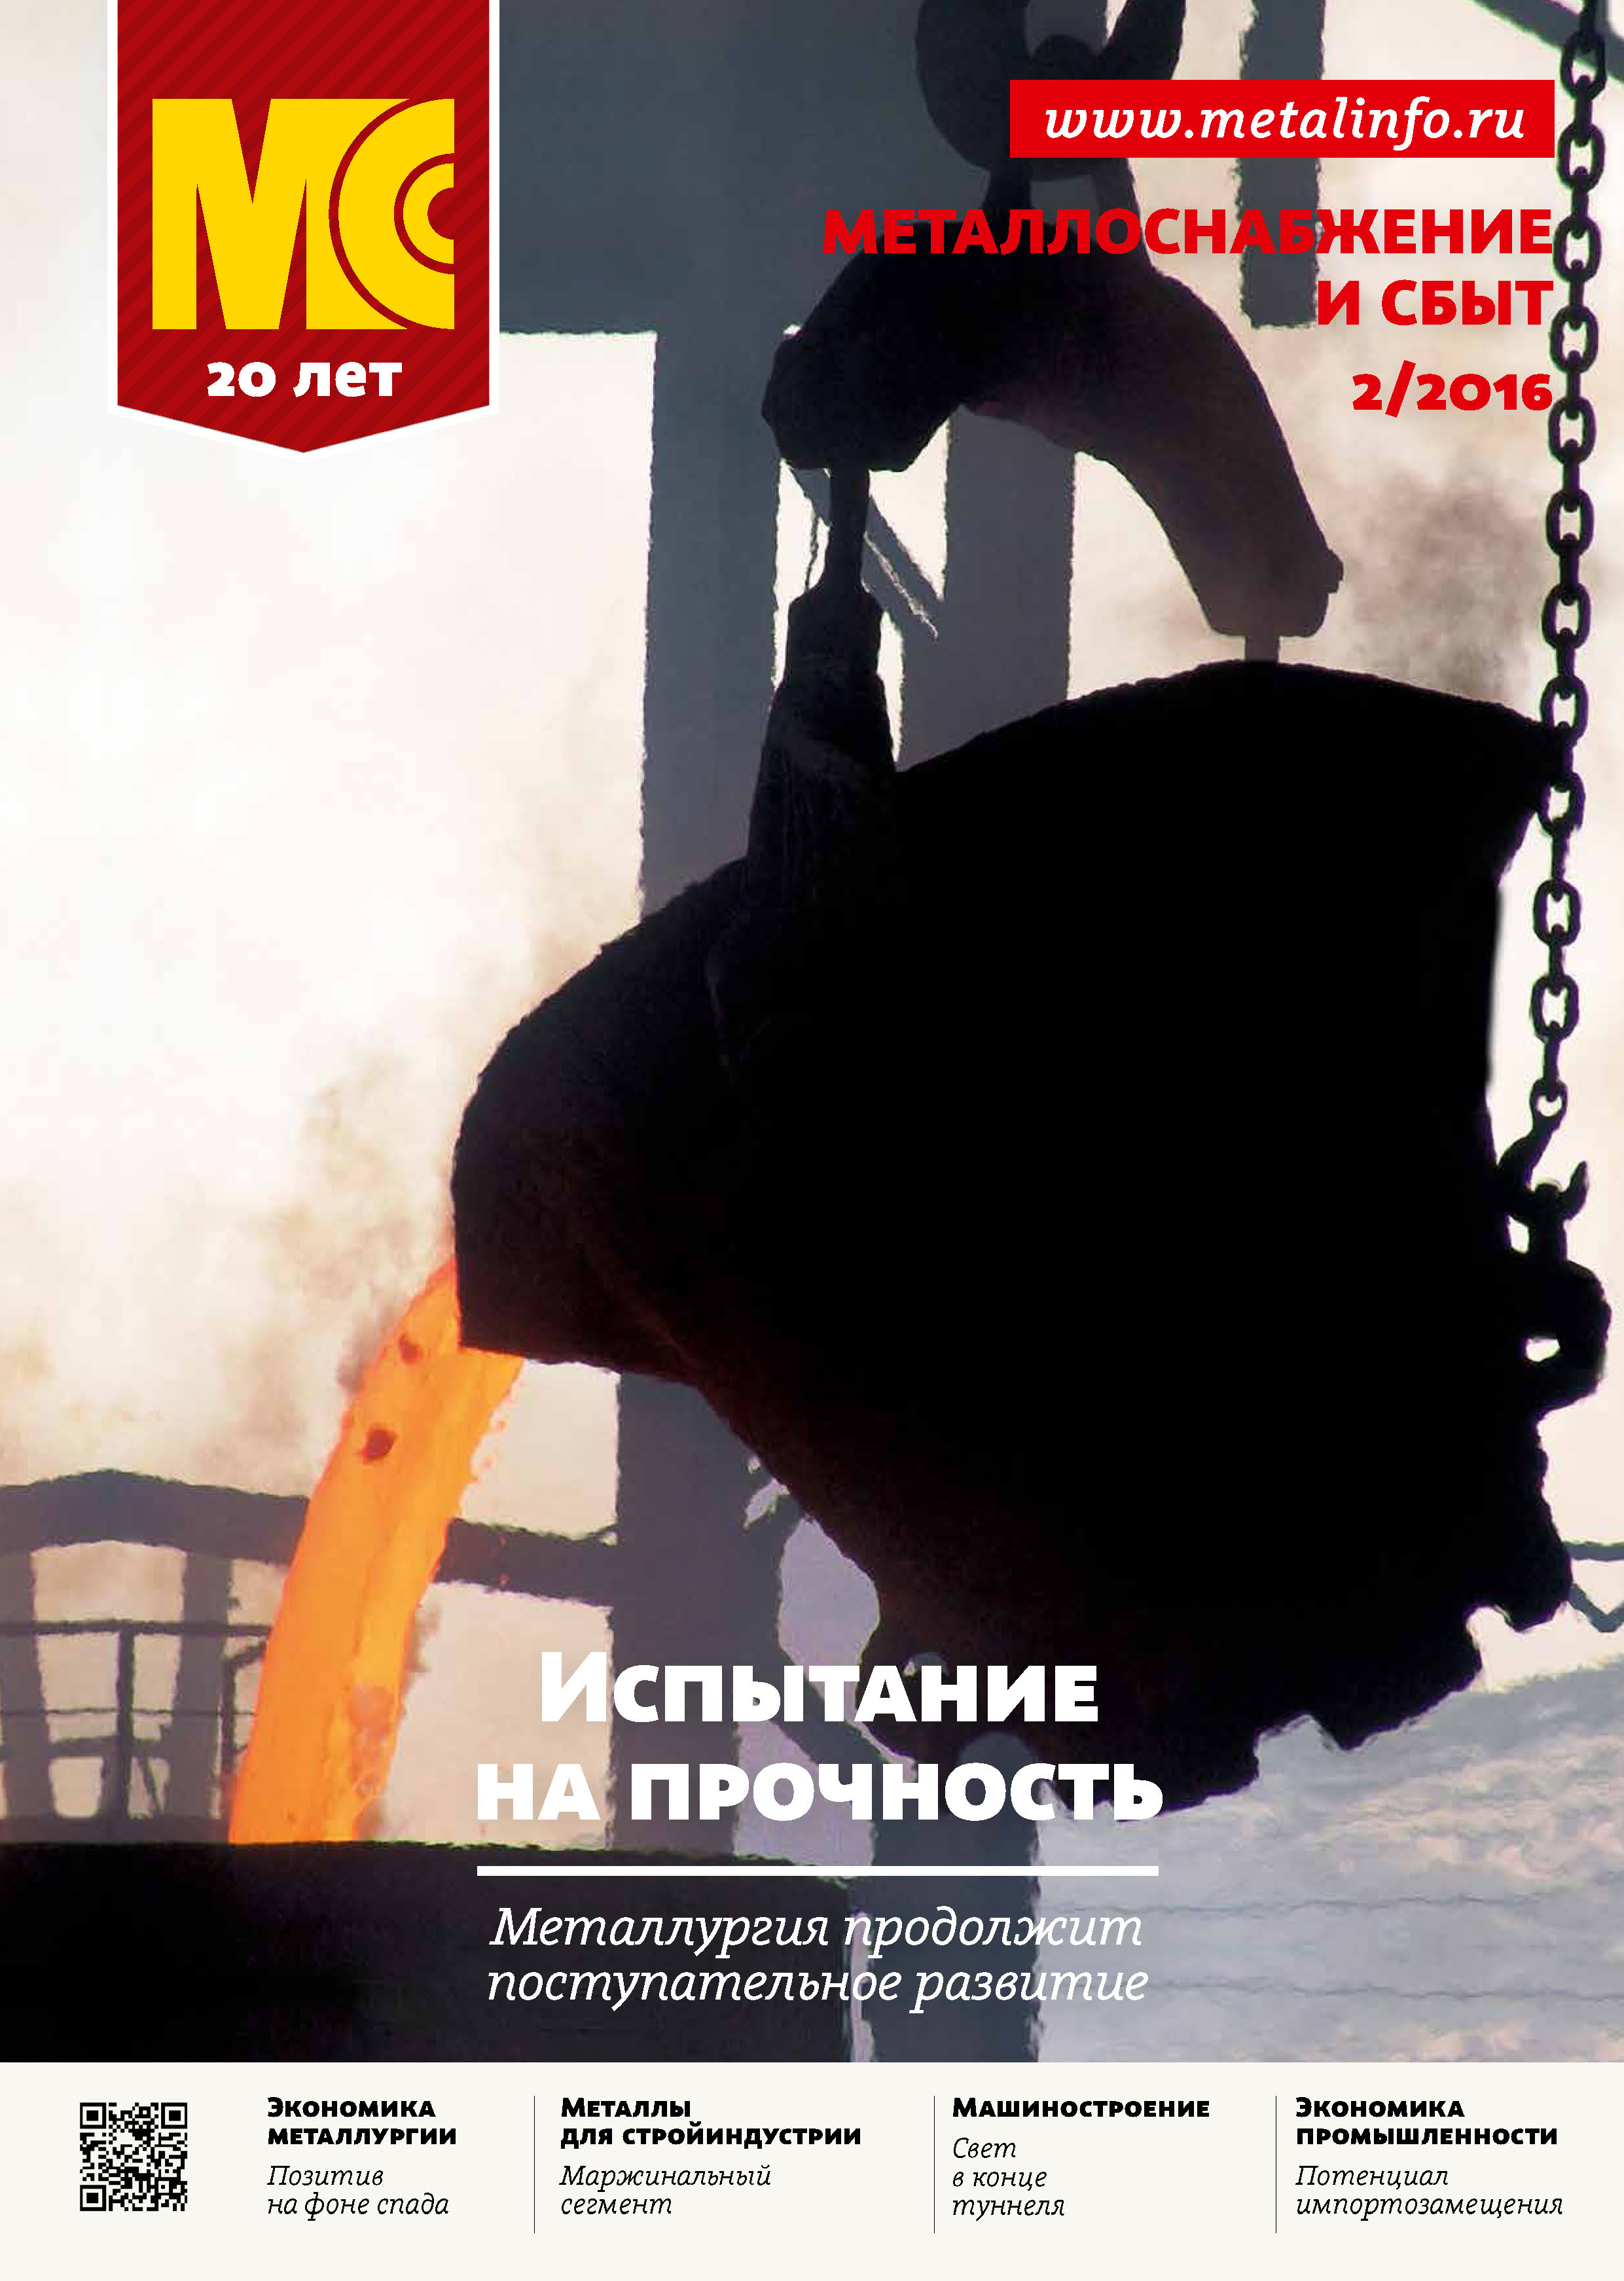 Металлоснабжение и сбыт №02/2016